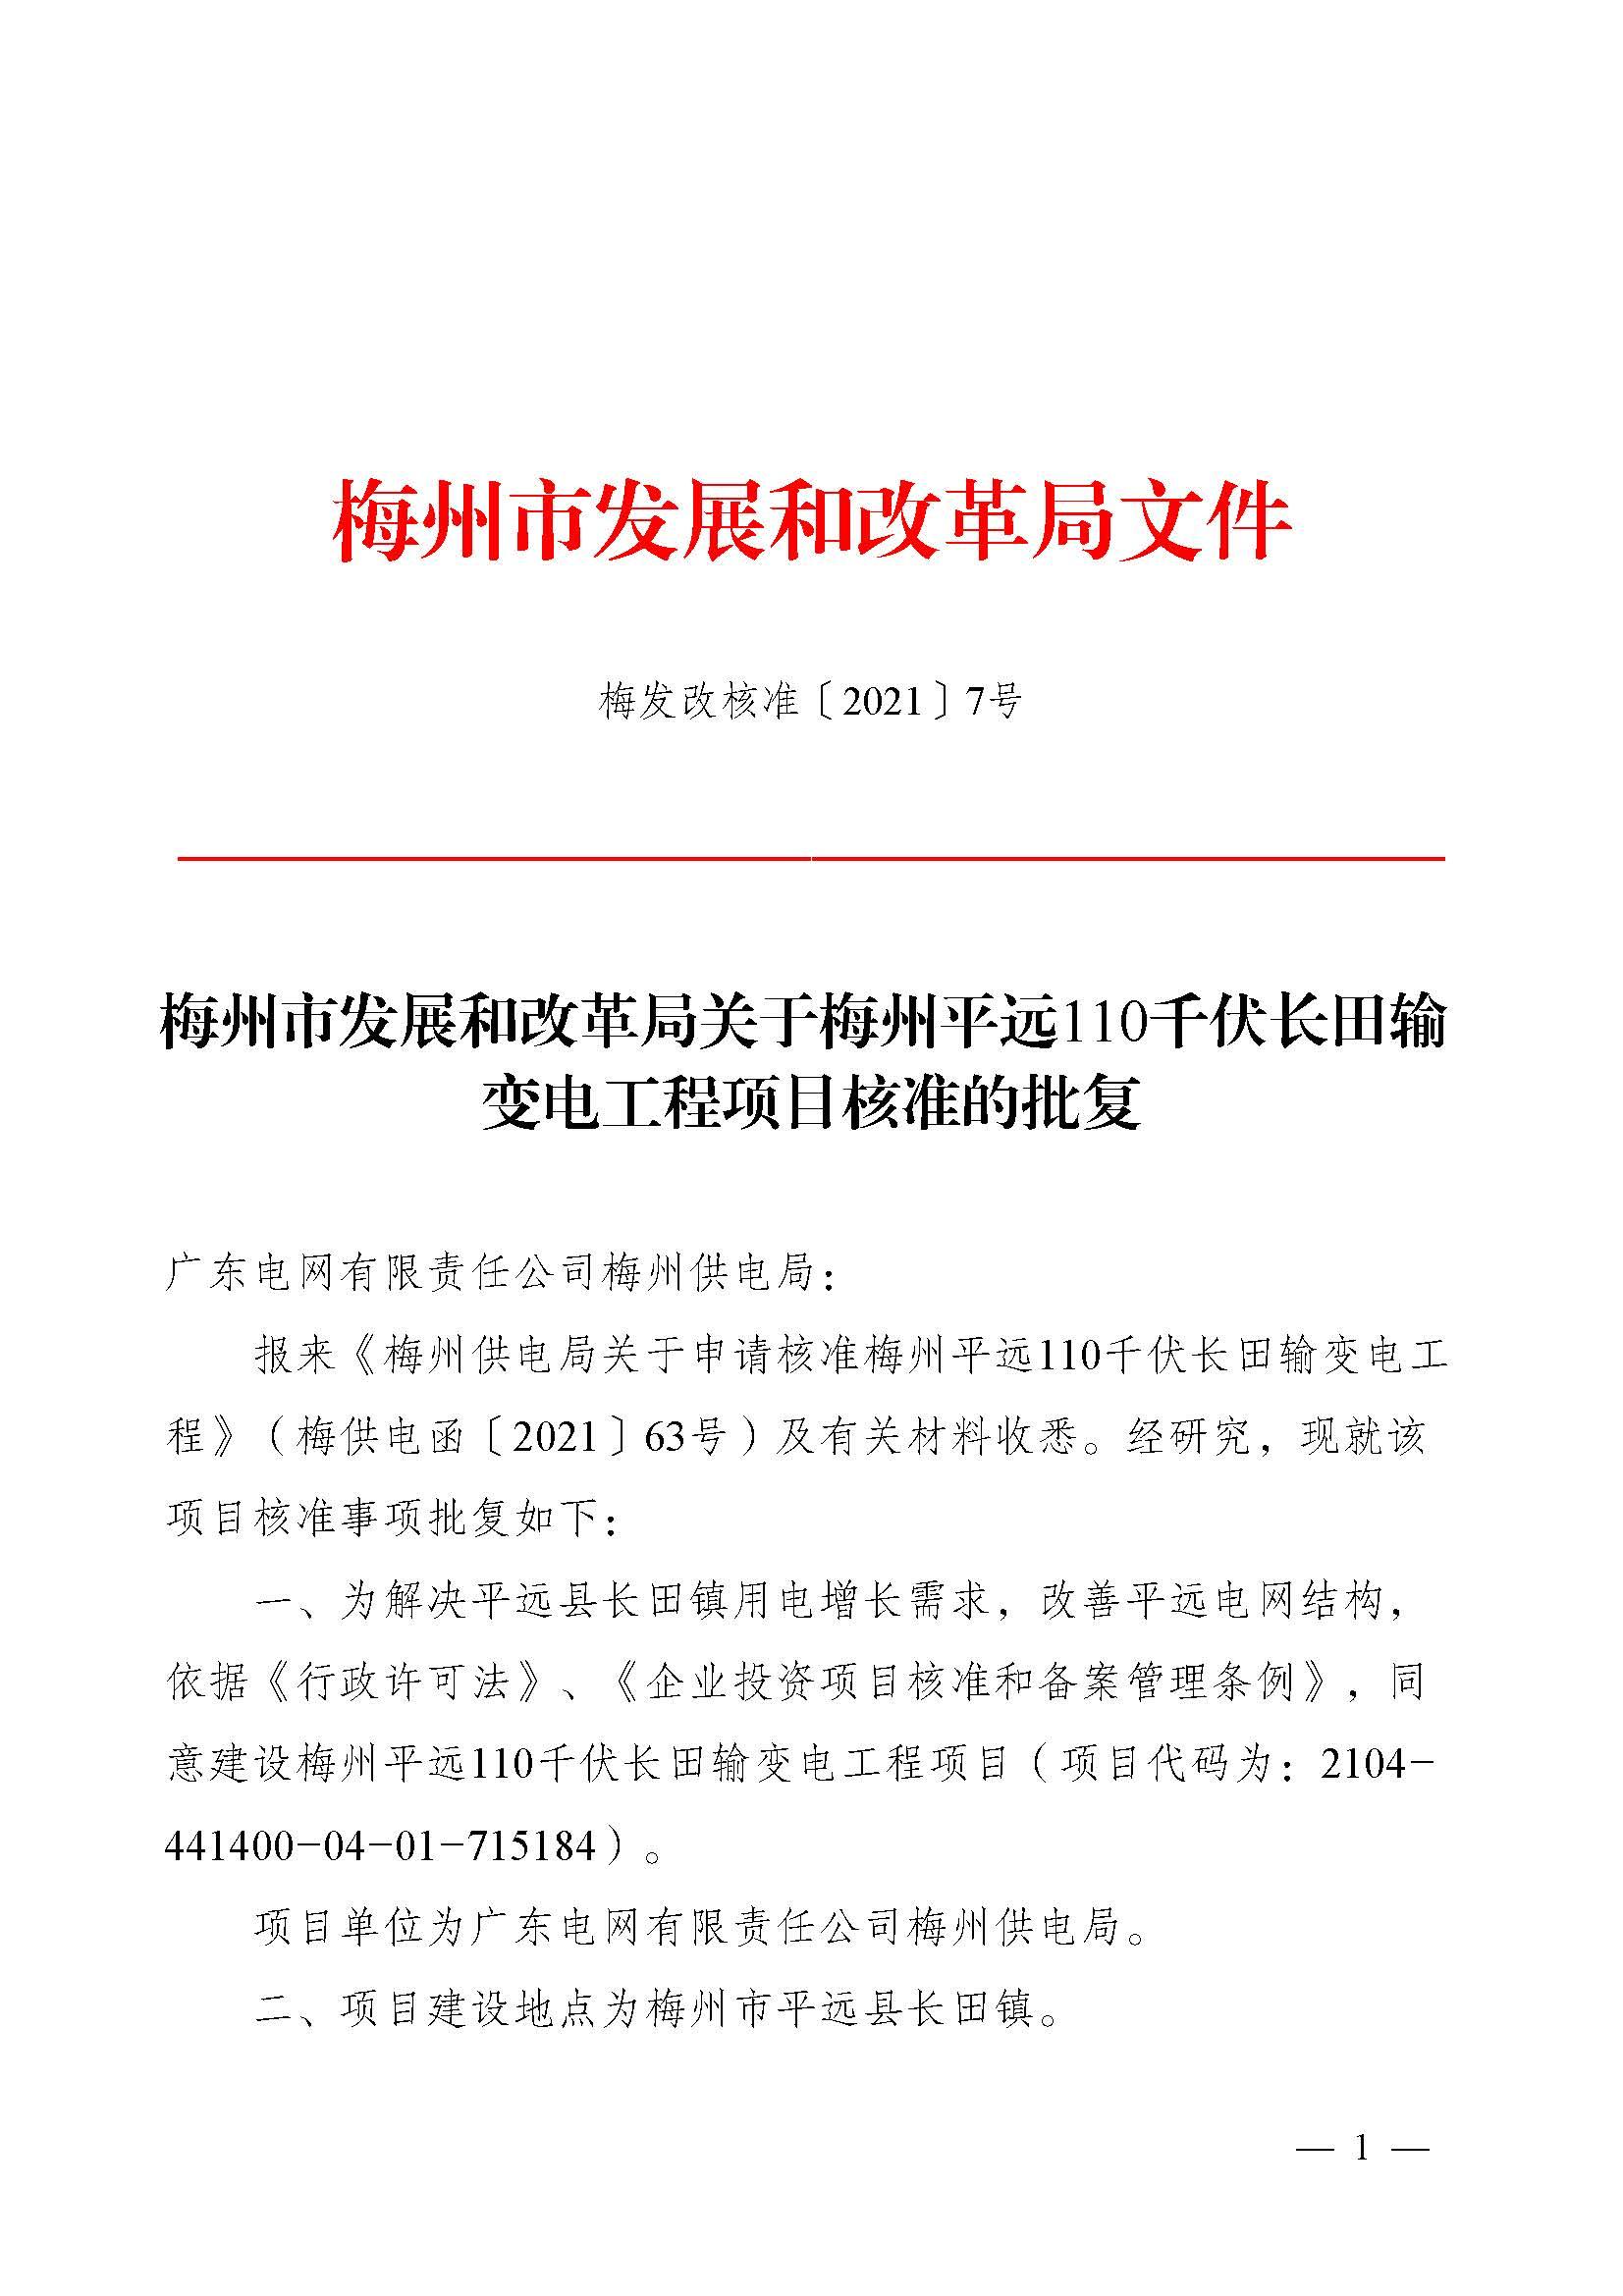 梅州市发展和改革局关于梅州平远110千伏长田输变电工程项目核准的批复_页面_1.jpg